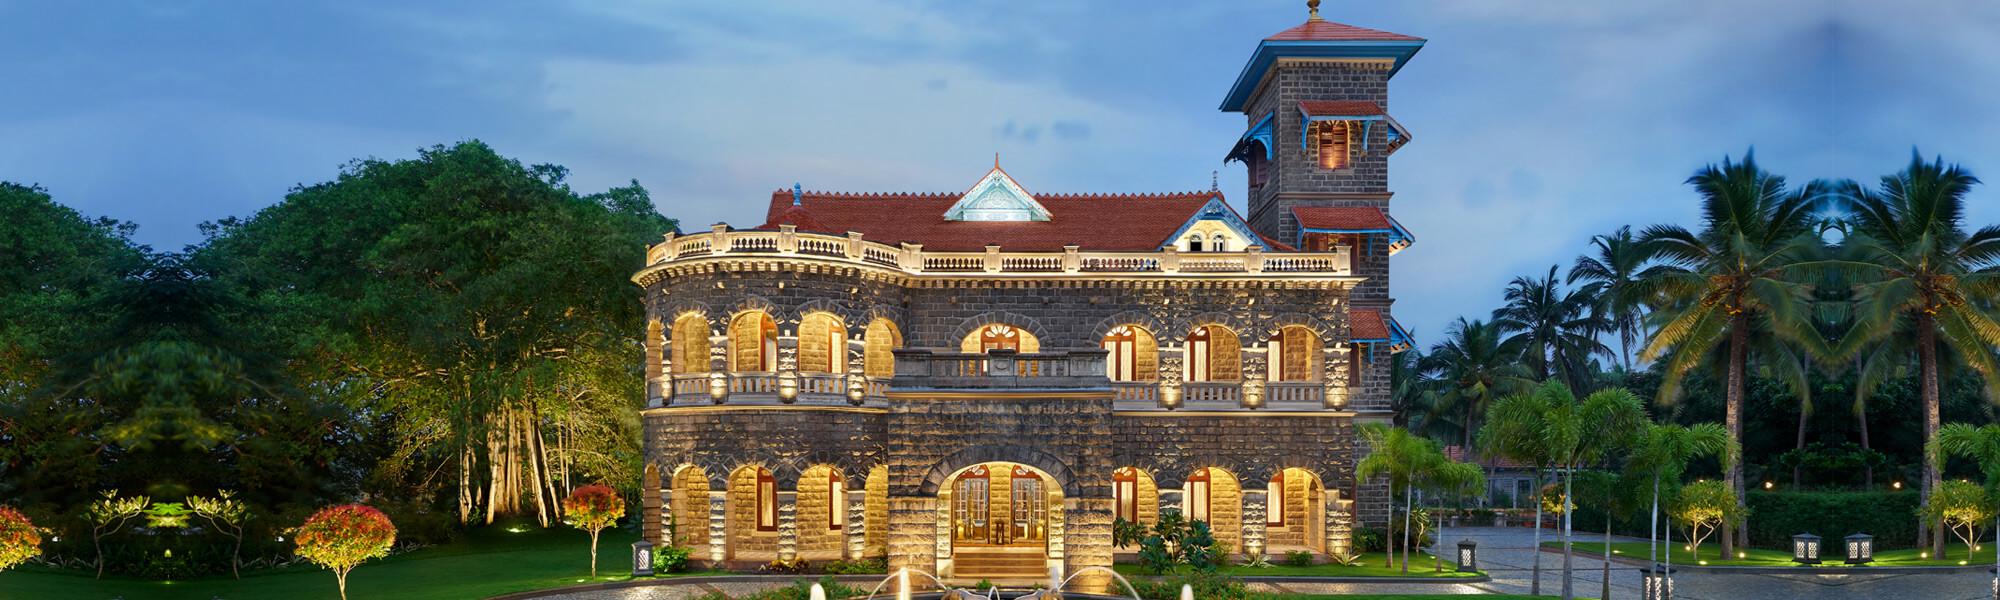 Kovalam Palace - Outside View